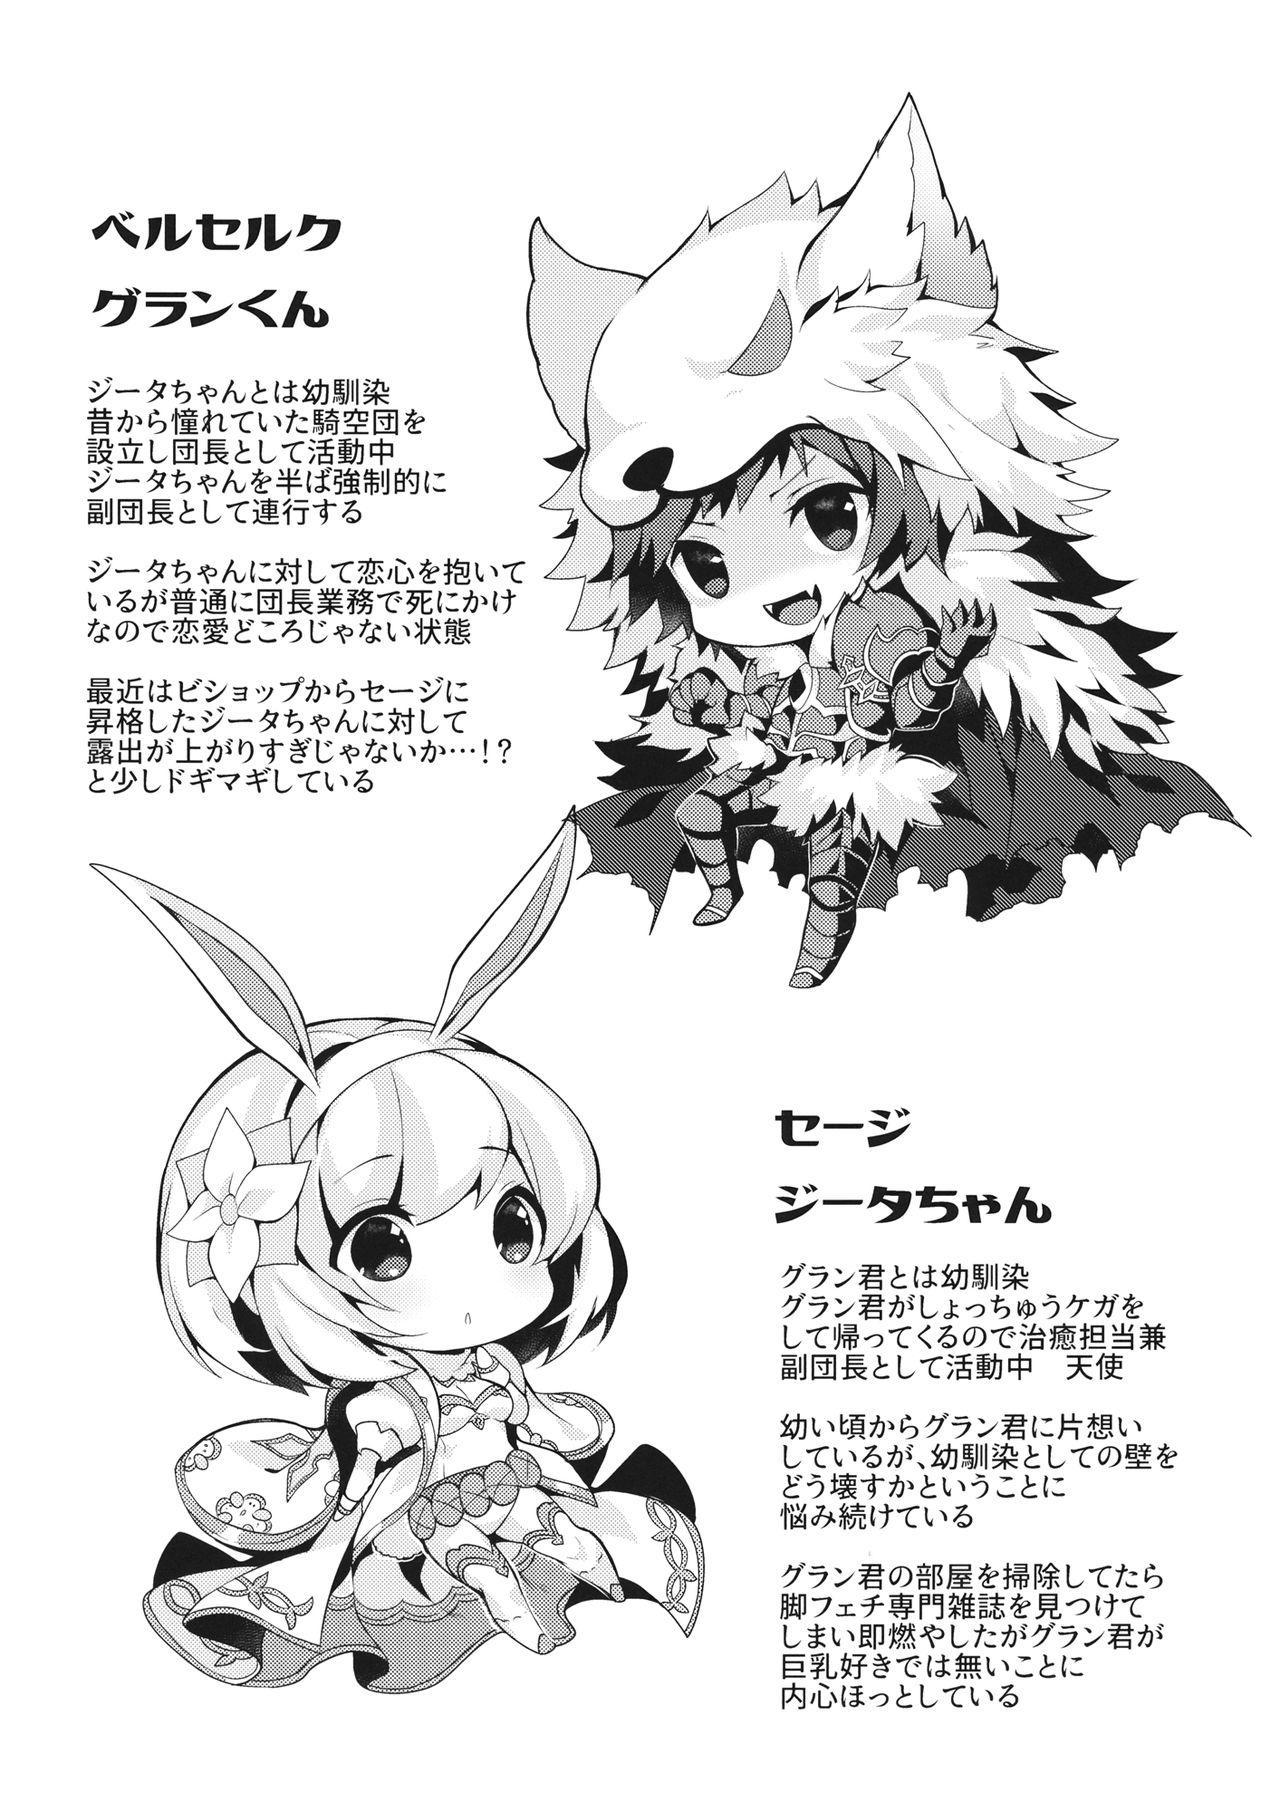 (C93) [homadelic. (Homaderi)] Fukudanchou no Usagi Djeeta-chan ga Danchou no Ookami Gran-kun ni Taberarechau Hon (Granblue Fantasy) 1